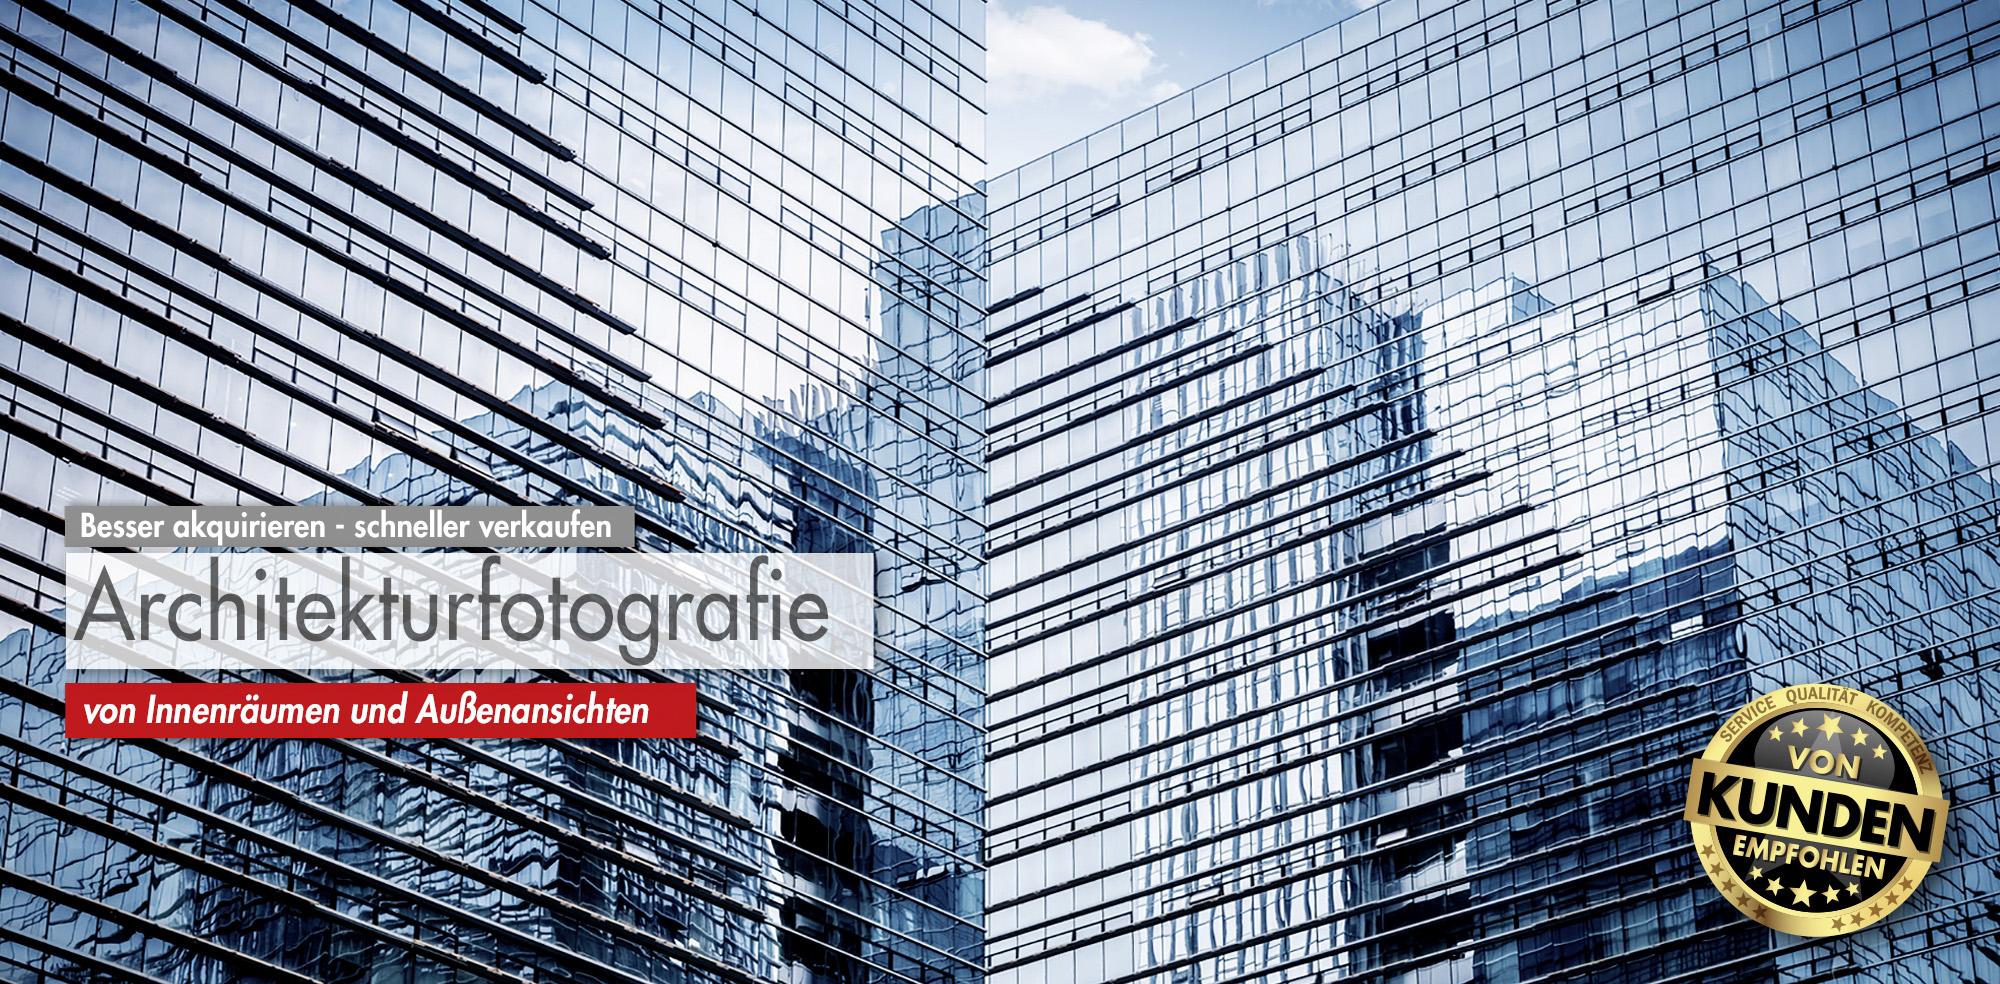 Imagefilme, Industriefilme, Schulungsvideos, Werbespots, 3D-Animationvideos@blickfang2_fotostudio_filmstudio